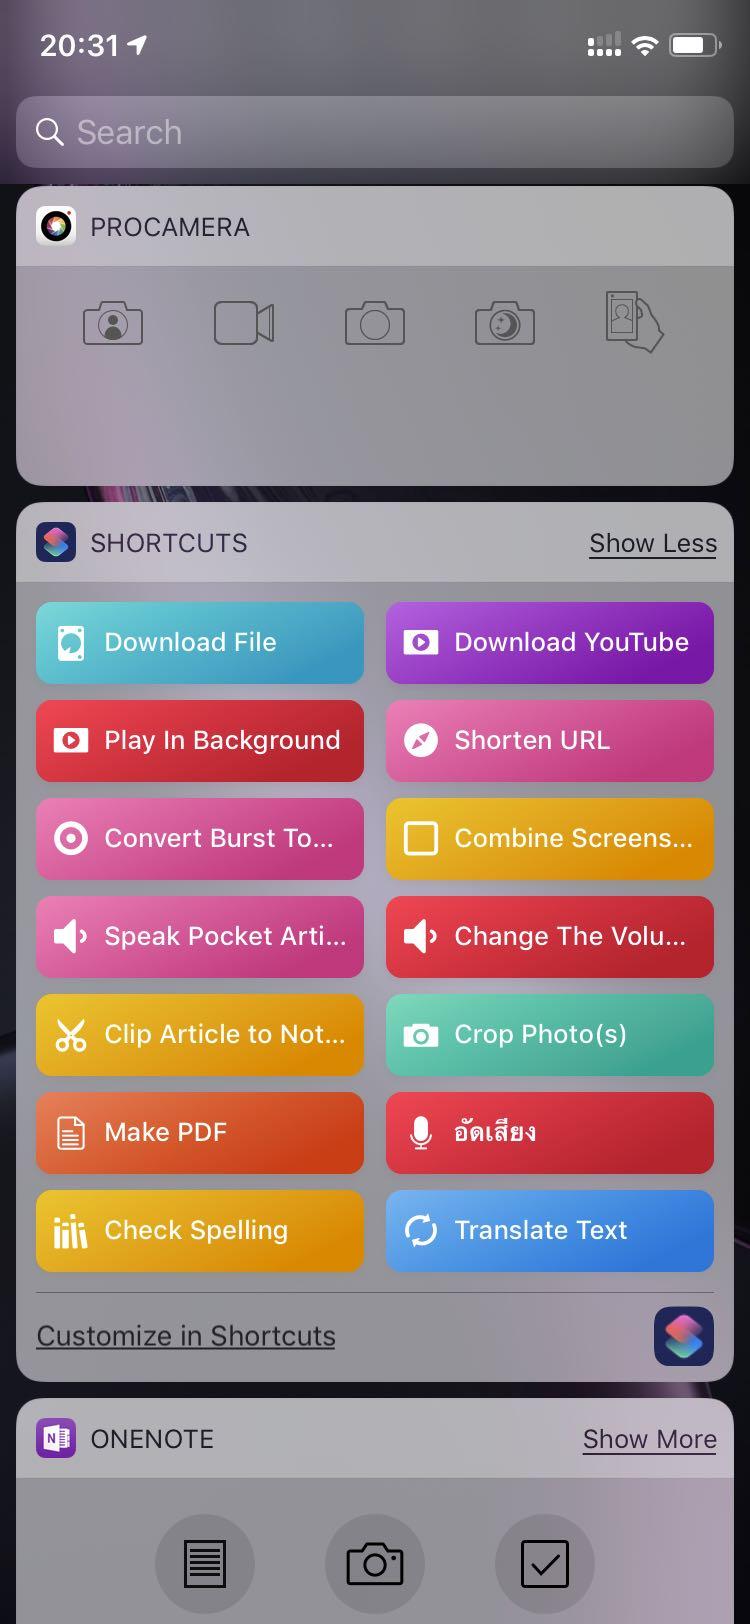 I phone8 ใช้แอพตัวไหนโหลดวีดีโอ ในyoutube หรือหนังตามเนต - Pantip